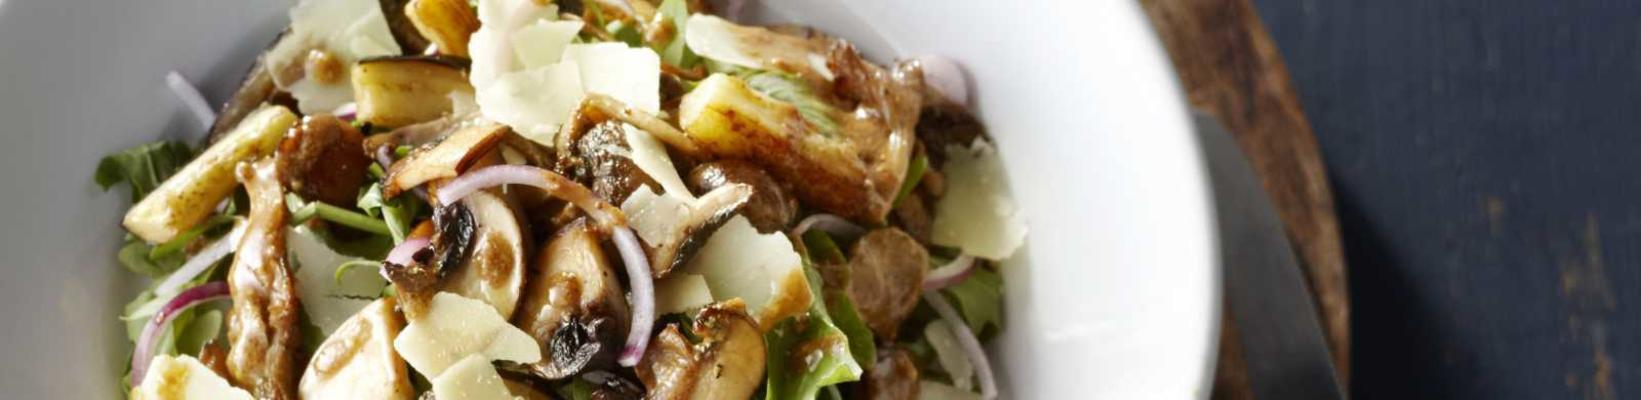 arugula salad with eggplant and fried mushrooms